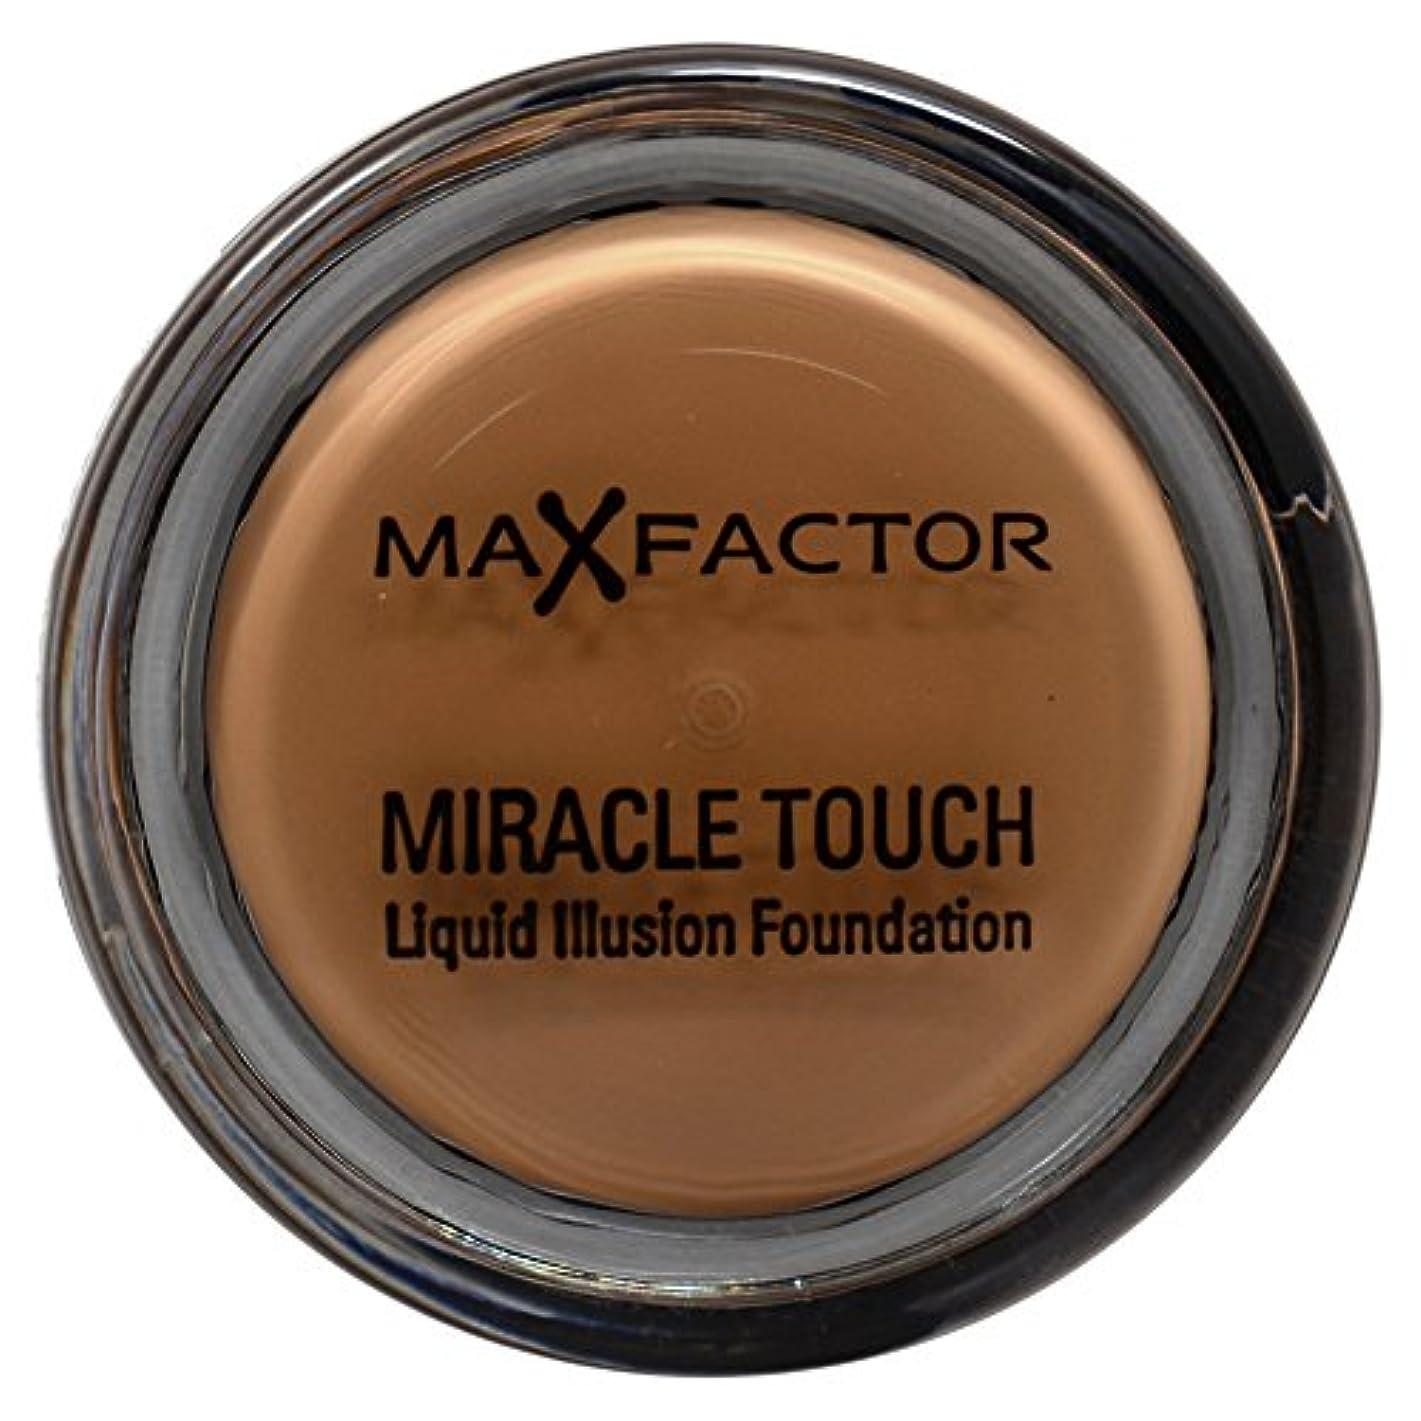 変形マイクロ悪意のあるマックス ファクター ミラクル タッチ スキン スムーズ ファウンデーション - ブロンズ Max Factor Miracle Touch Skin Smoothing Foundation - Bronze 080 [並行輸入品]